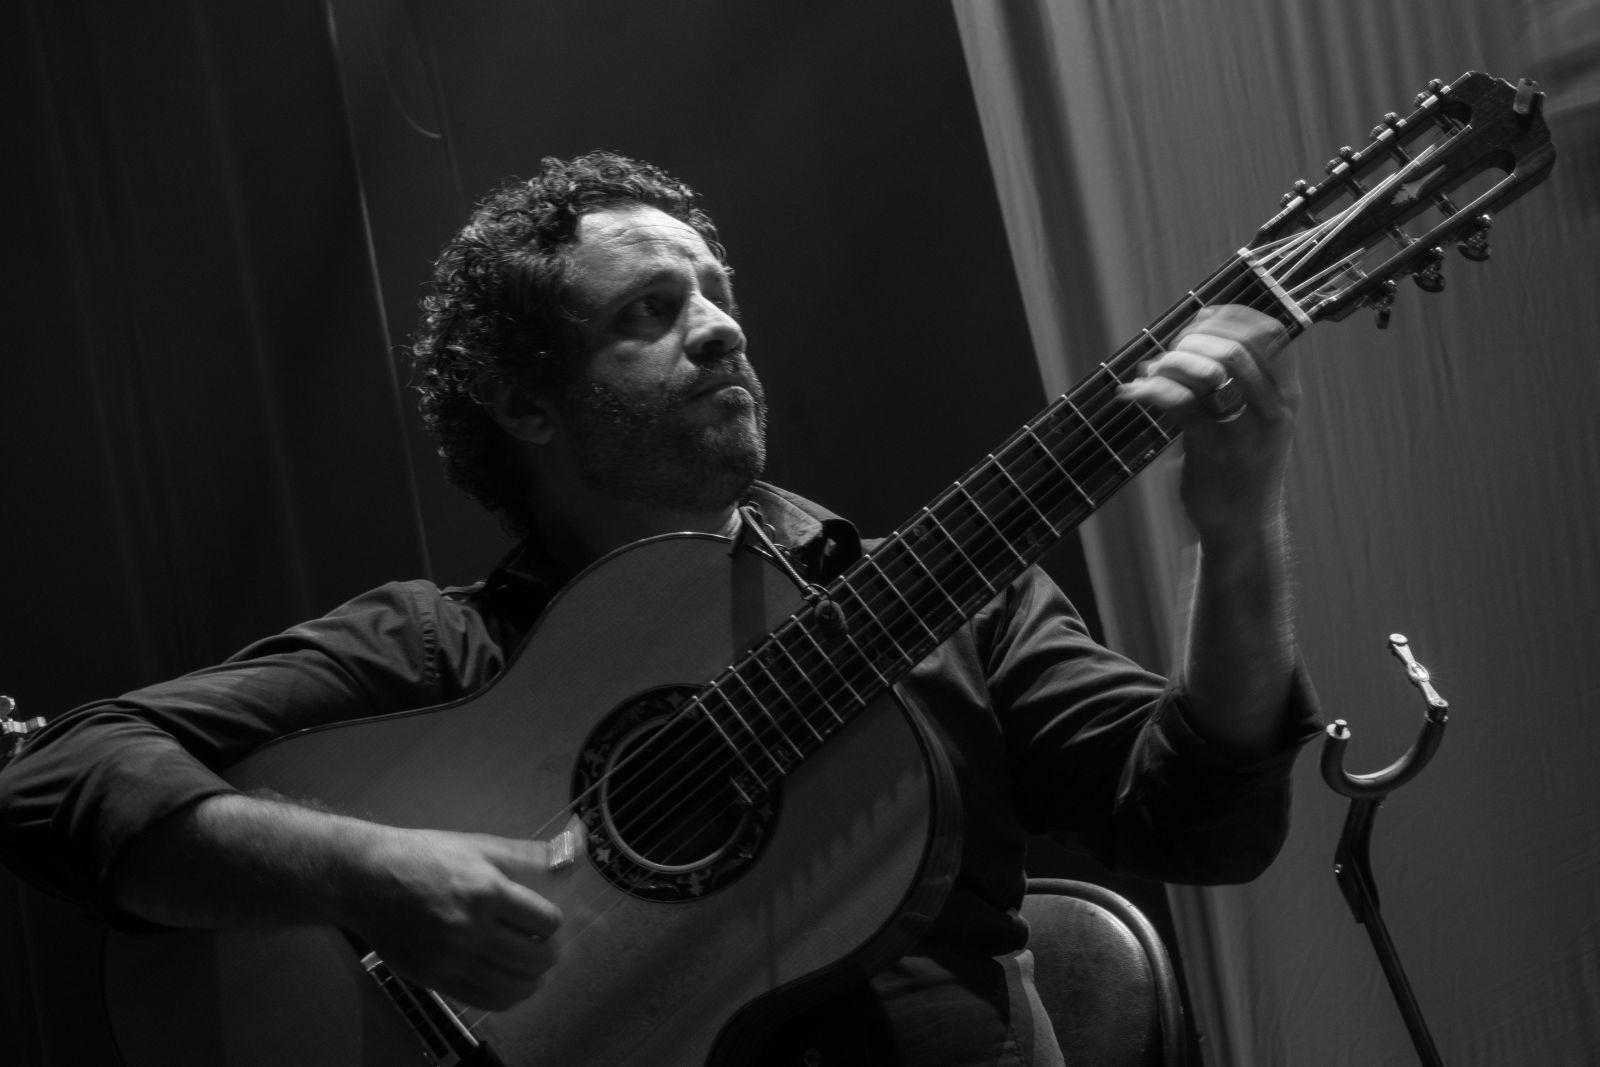 Lives de violão: Rogério Caetano, Diego Salvetti, Bozó e Félix Jr são destaques nesta quinta (28/05) - Rogério Caetano